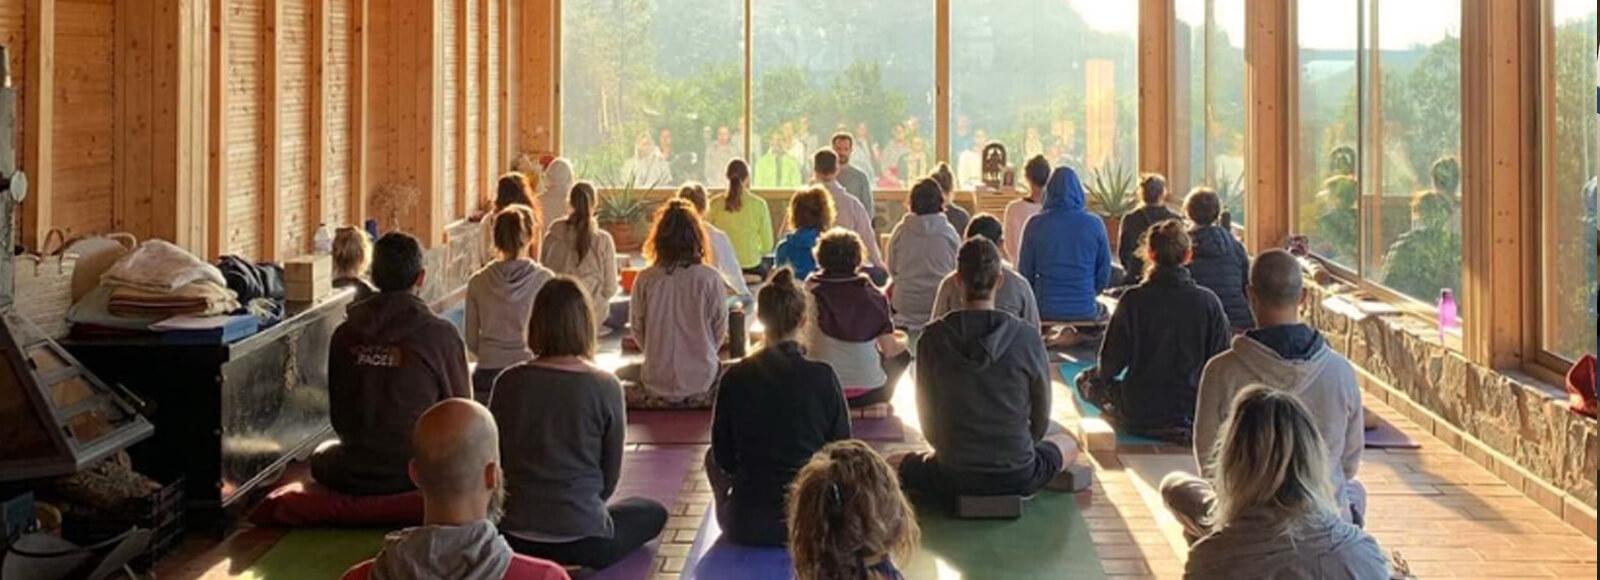 Cursos e Eventos Yogamandir